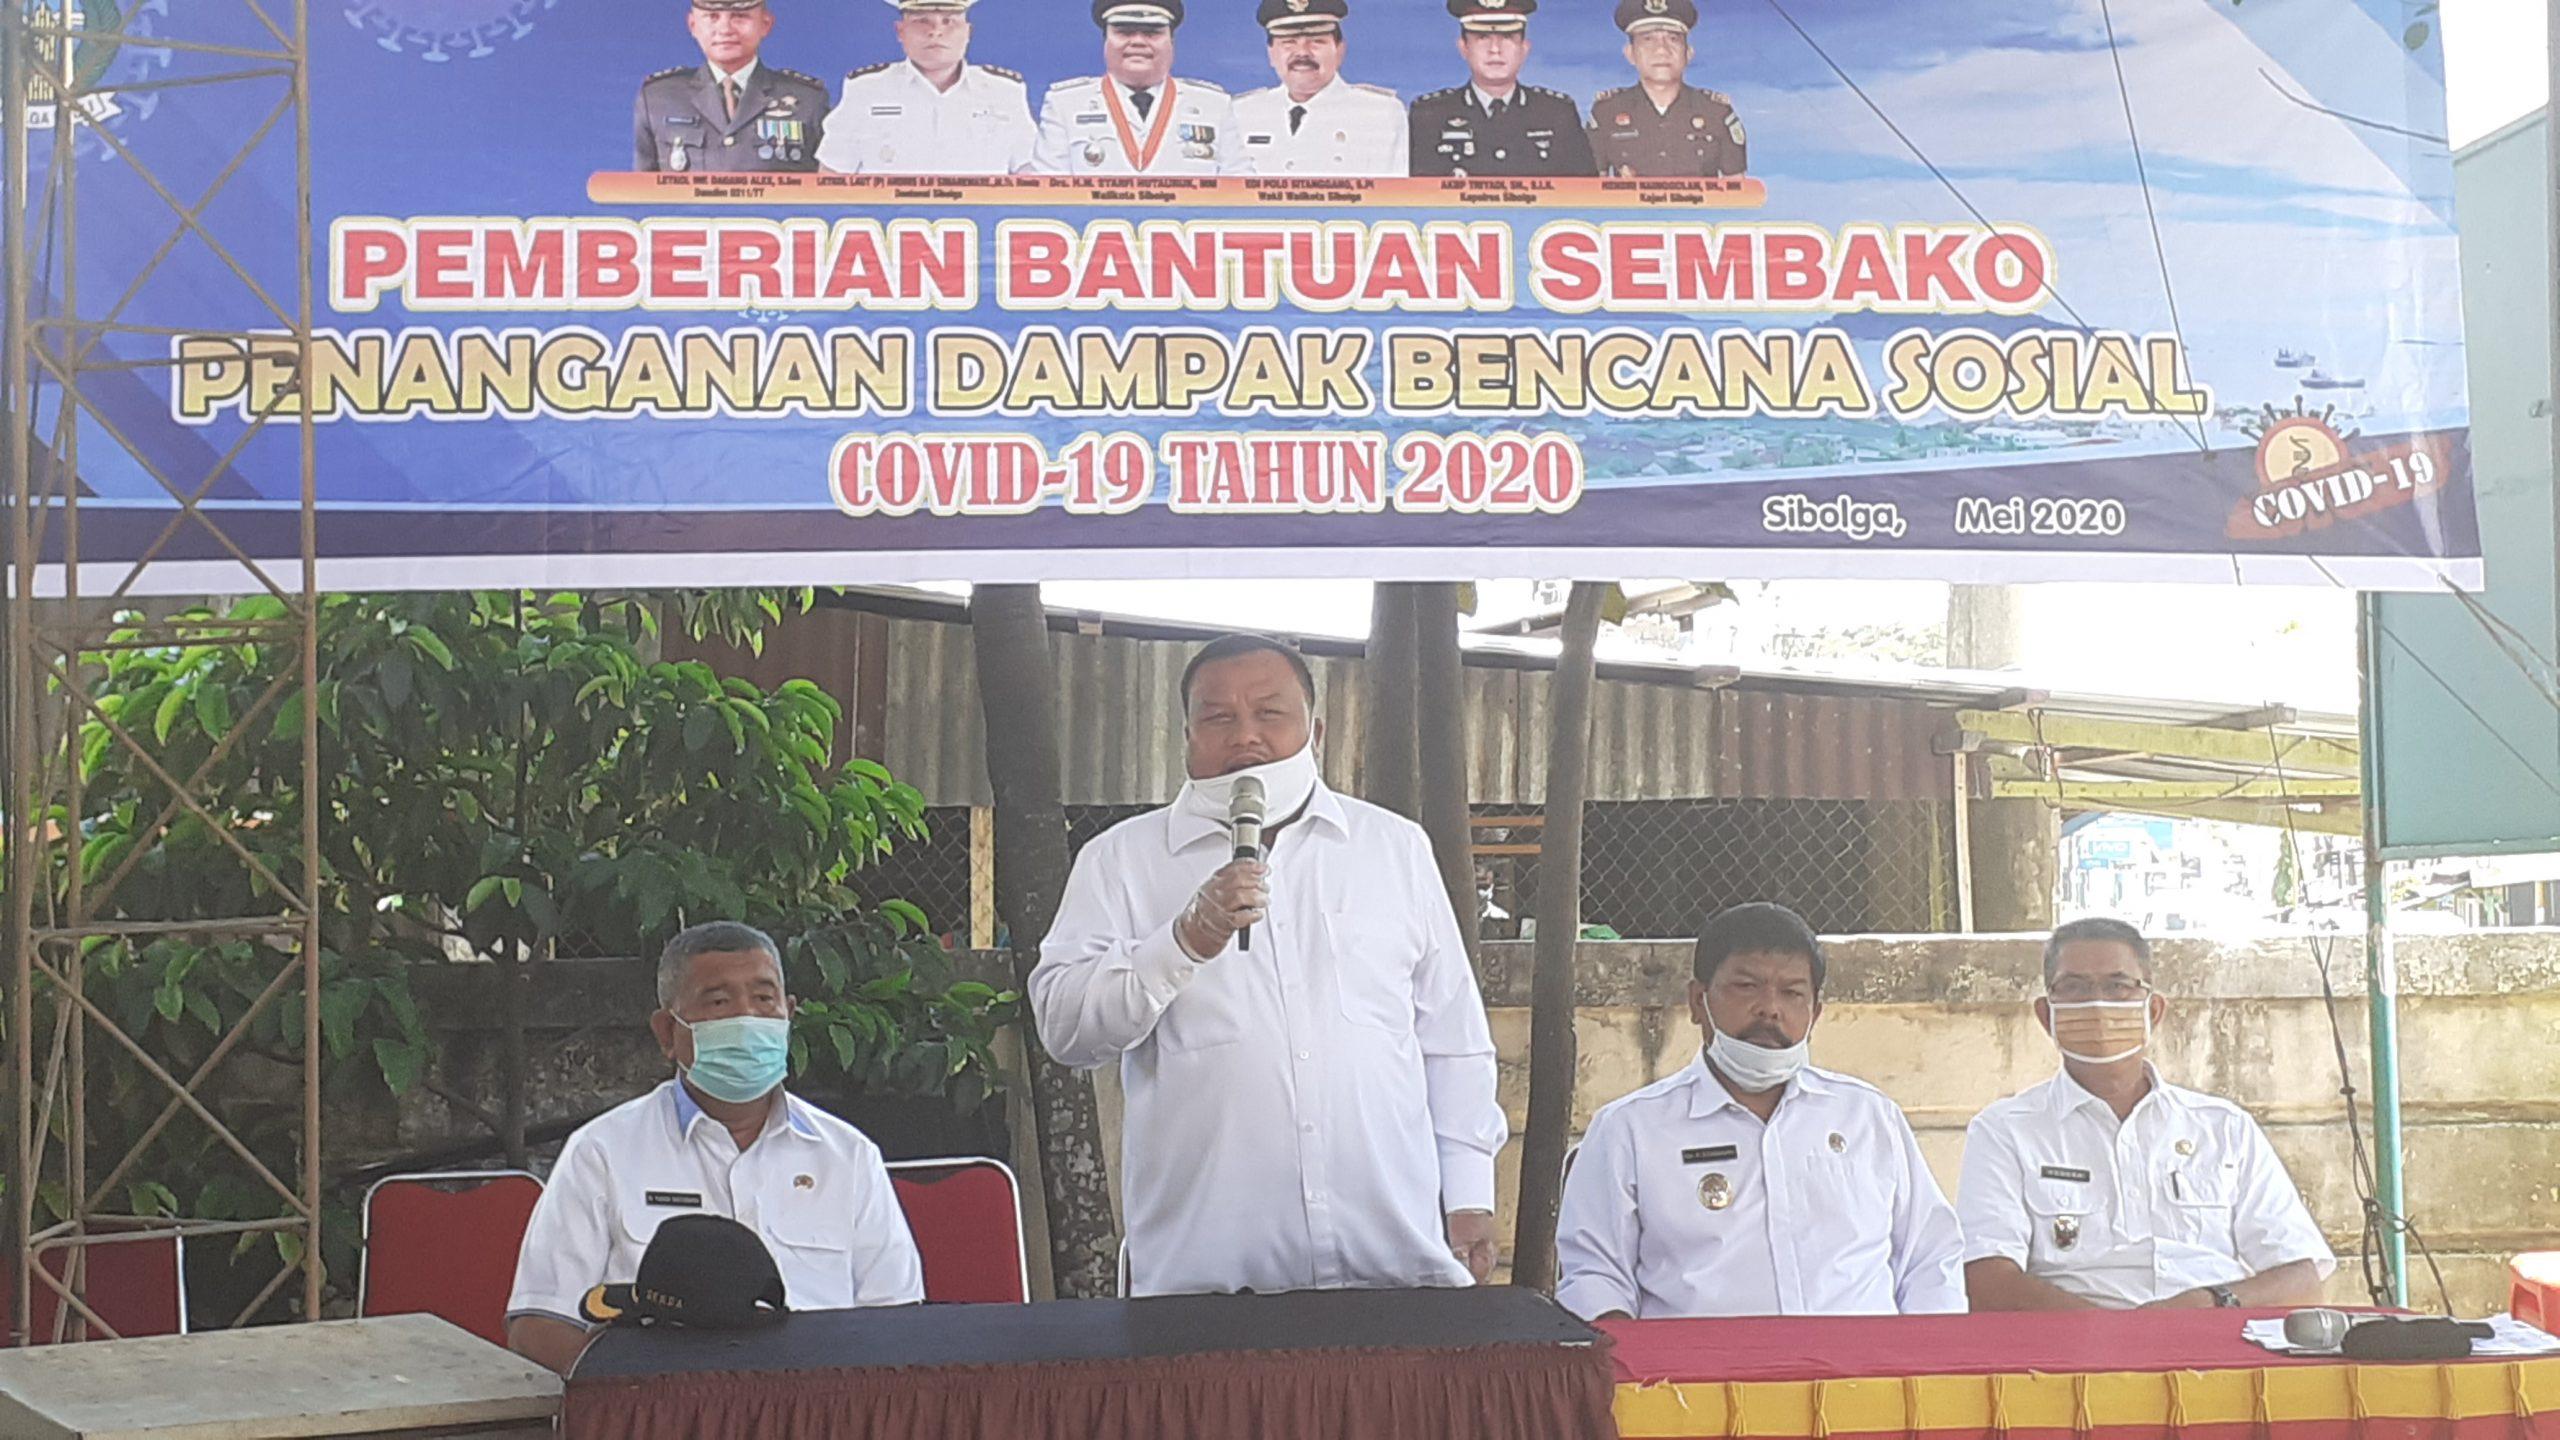 Wali Kota Sibolga HM Syarfi Hutauruk saat menyampaikan sambutan pada acara pembagian bantuan sembako bagi warga terdampak Covid-19. Rakyatsumut.com/ Mirwan Tanjung